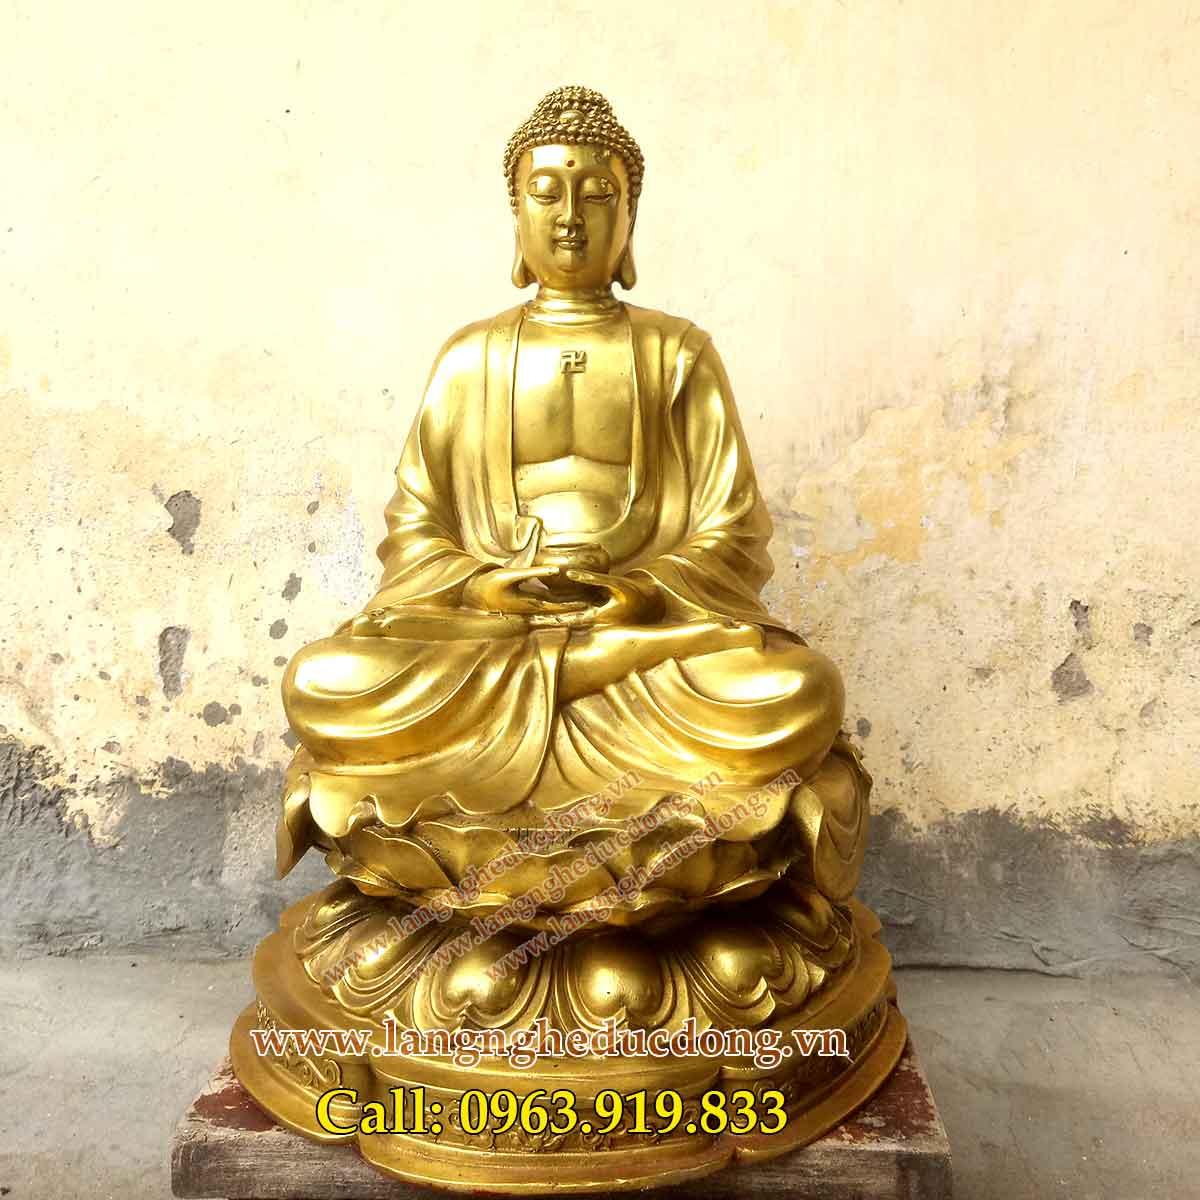 langngheducdong.vn – tượng đồng, tượng phật, tượng thích ca, tượng adida